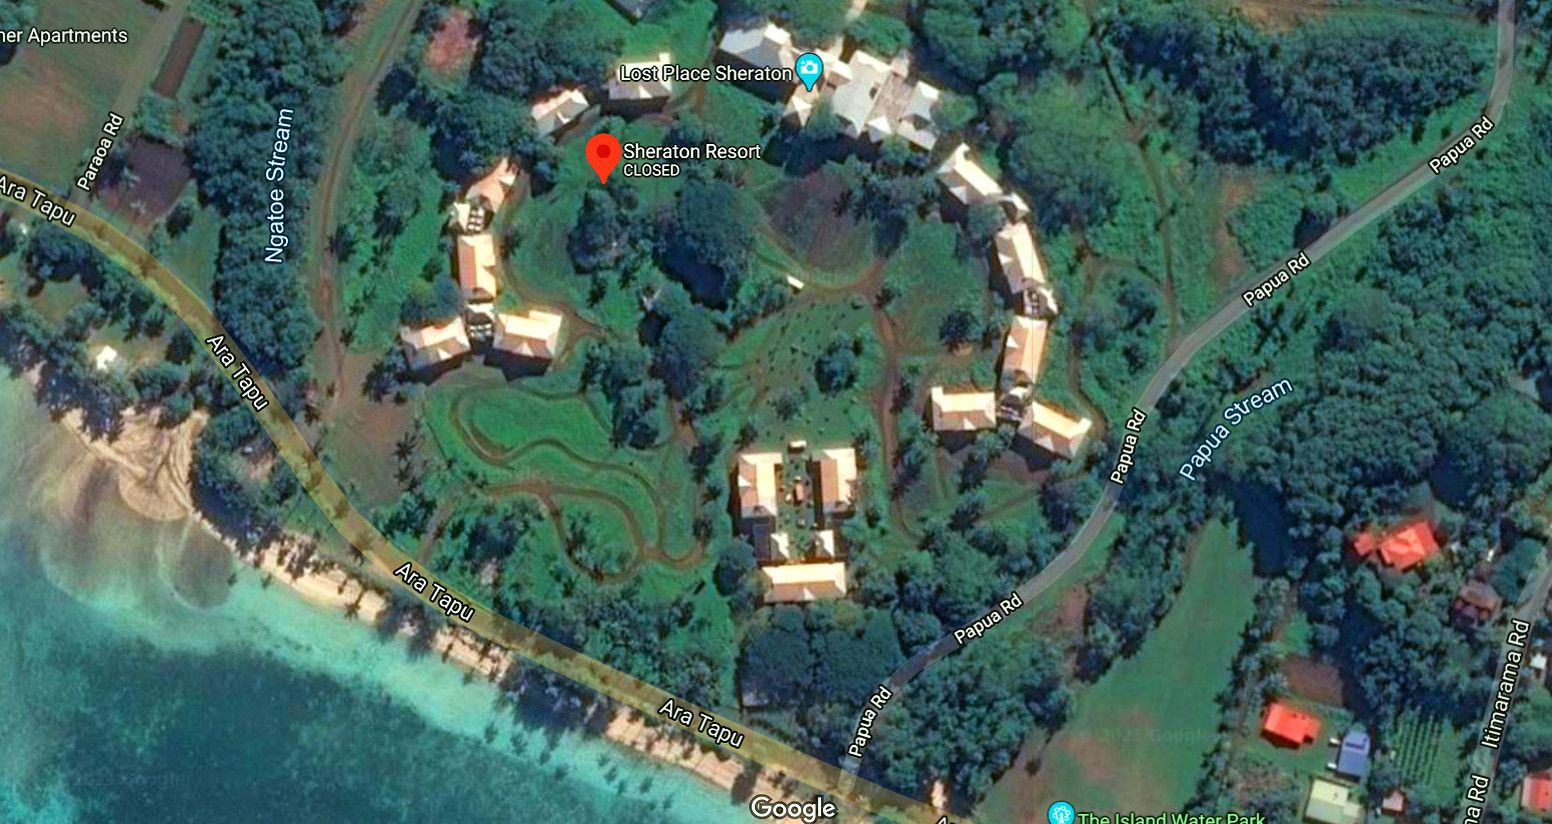 Imagen de satélite del hotel Sheraton, al sur de la isla de Rarotonga.